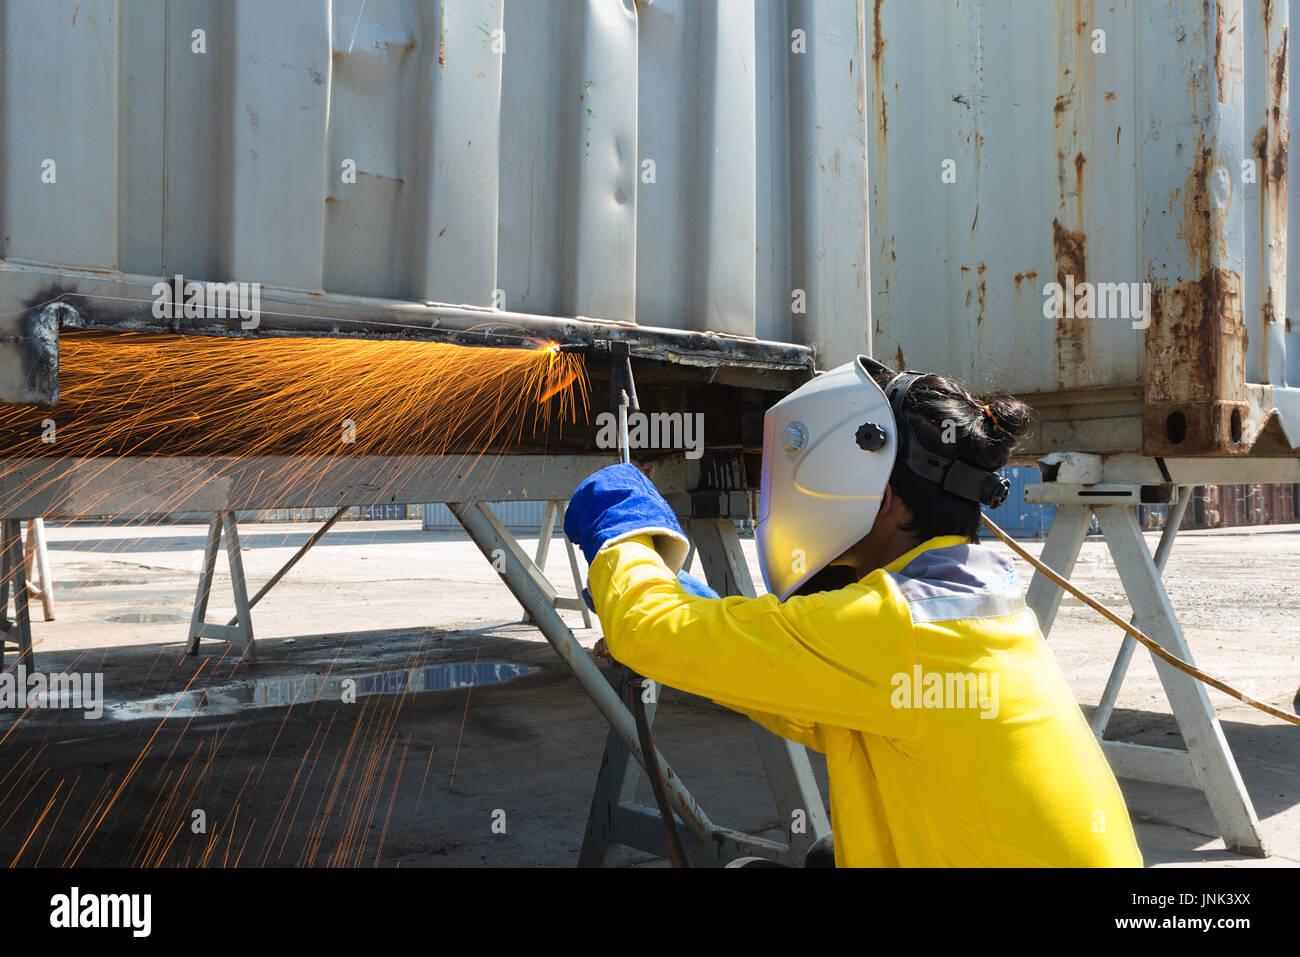 Travailleur de l'industrie avec masque de protection en acier de soudure pour réparer les structures de conteneurs fabrication atelier. Soudage travailleur en usine de l'industrie. Photo Stock